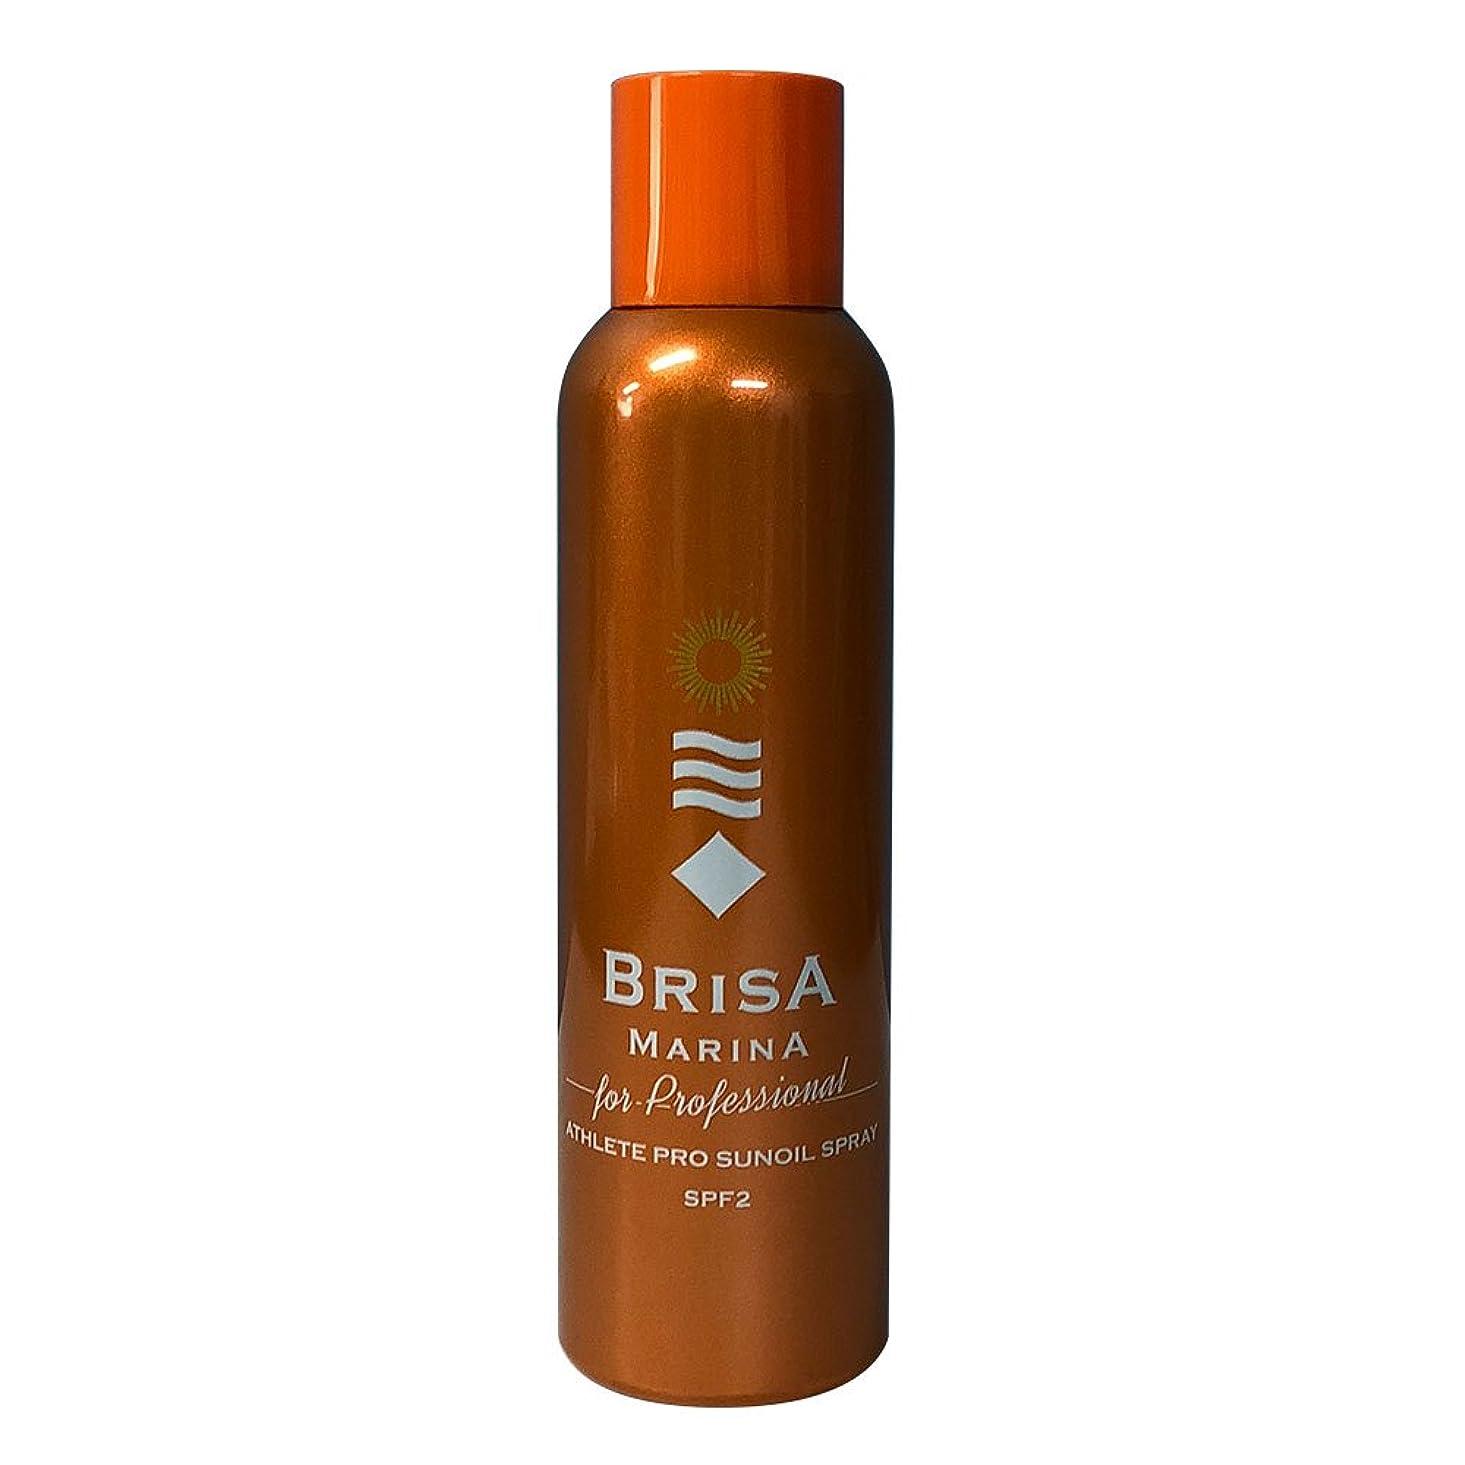 苦悩在庫黒板BRISA MARINA(ブリサ マリーナ) アスリートプロ サンオイルスプレー [SPF2] Professional Edition [アスリートプロ 日焼け用スプレー] Z-0CBM0016610